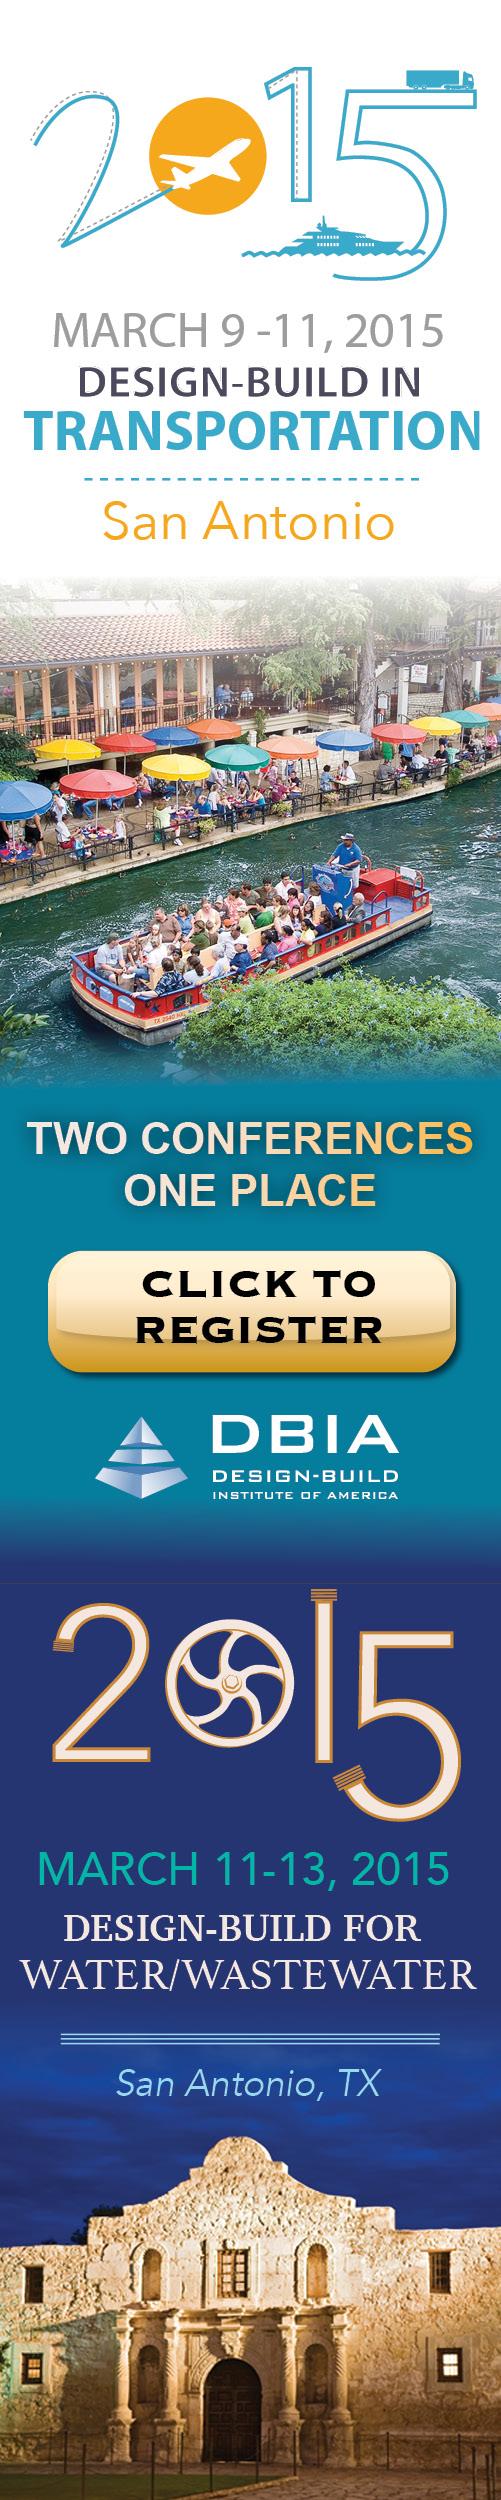 DBIA Insight - Design-Build Institute of America